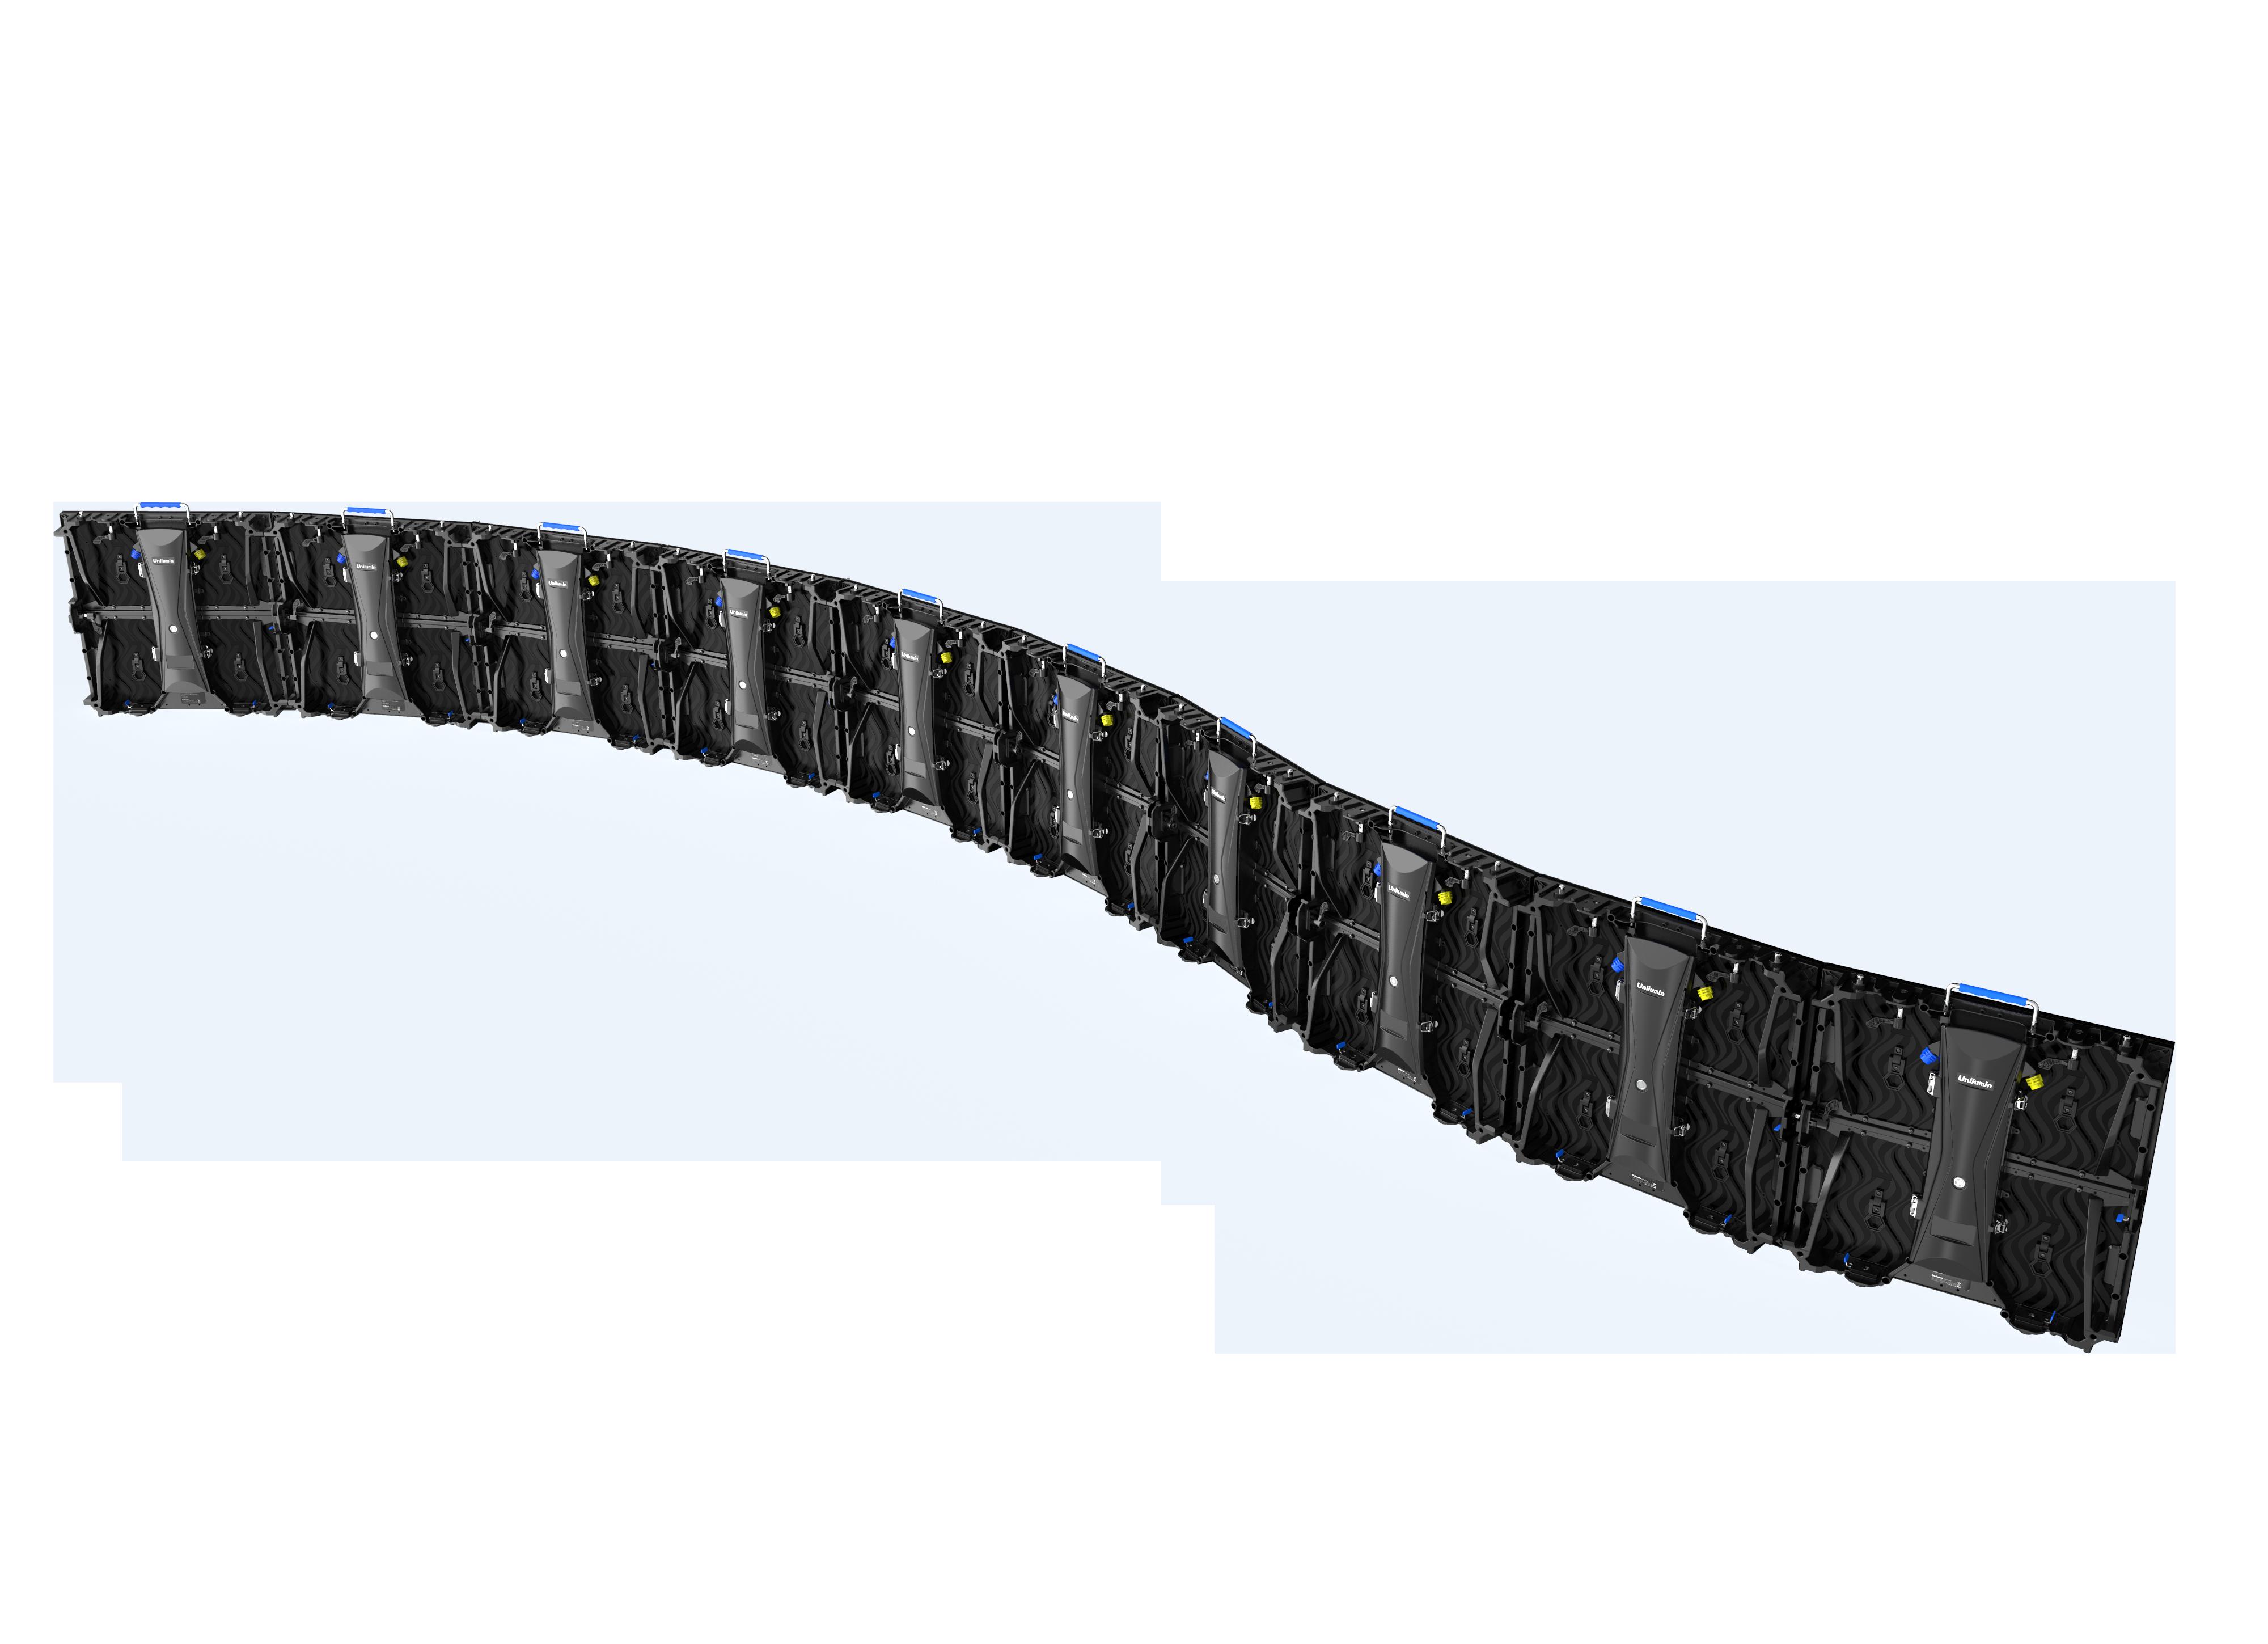 UGM rental led virtual production back side1